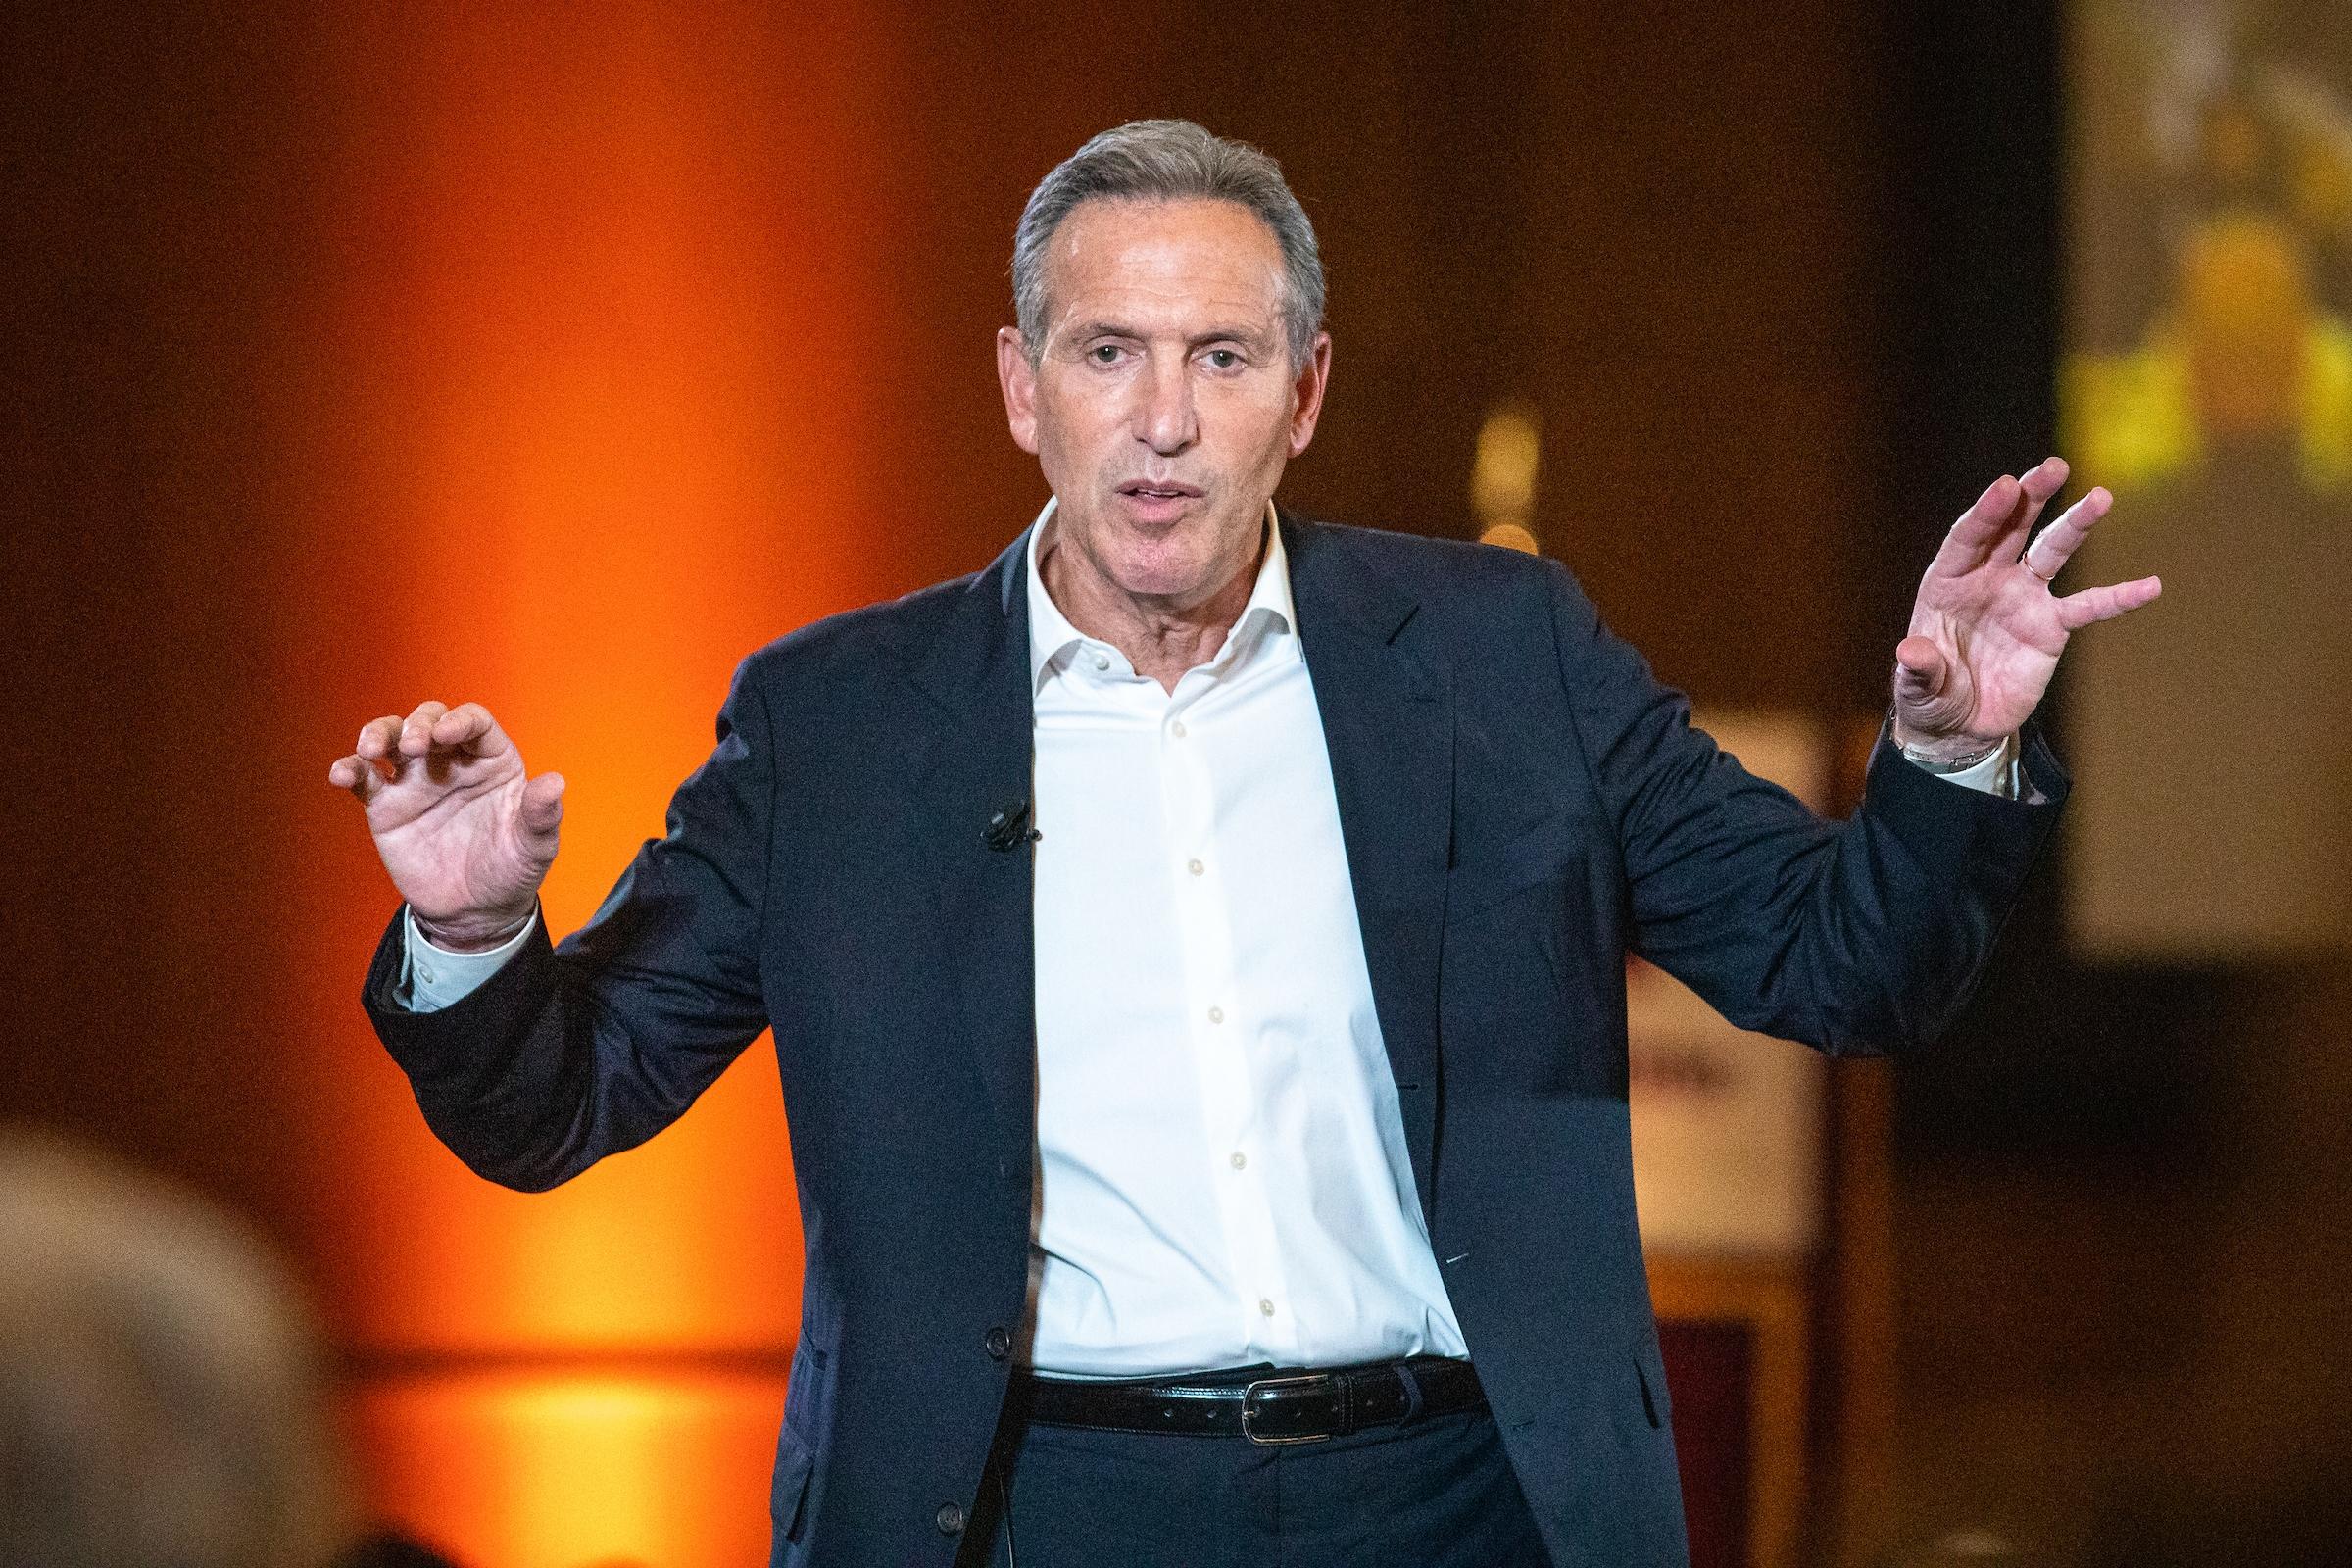 Howard Schultz of Starbucks speaks onstage